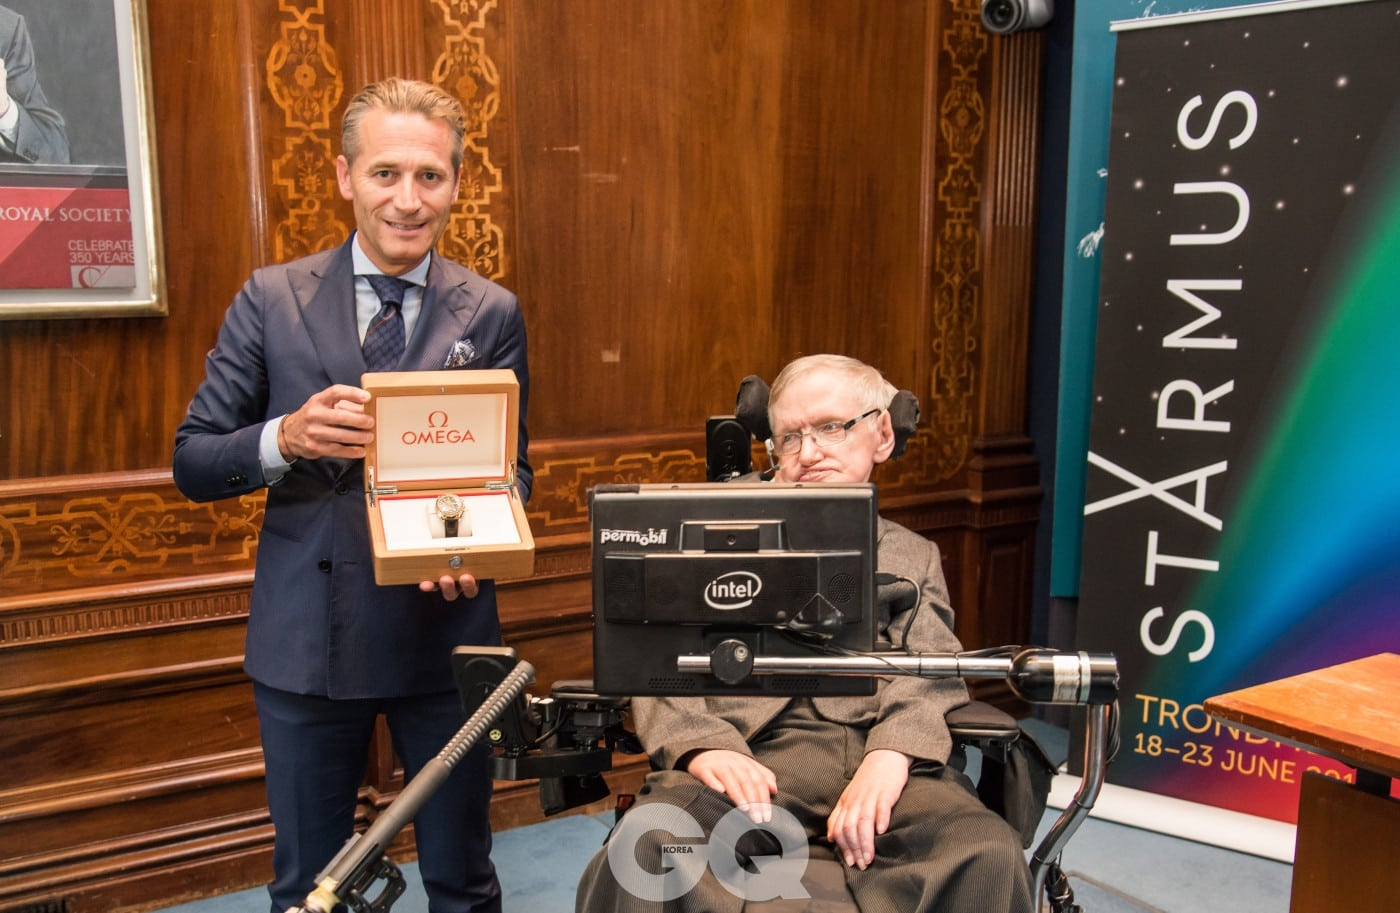 """스티븐 호킹 교수는 """"수상자들에게 오메가의 시계를 제공할 수 있게 된 것을 기쁘게 생각한다""""라는 소감을 밝혔다."""